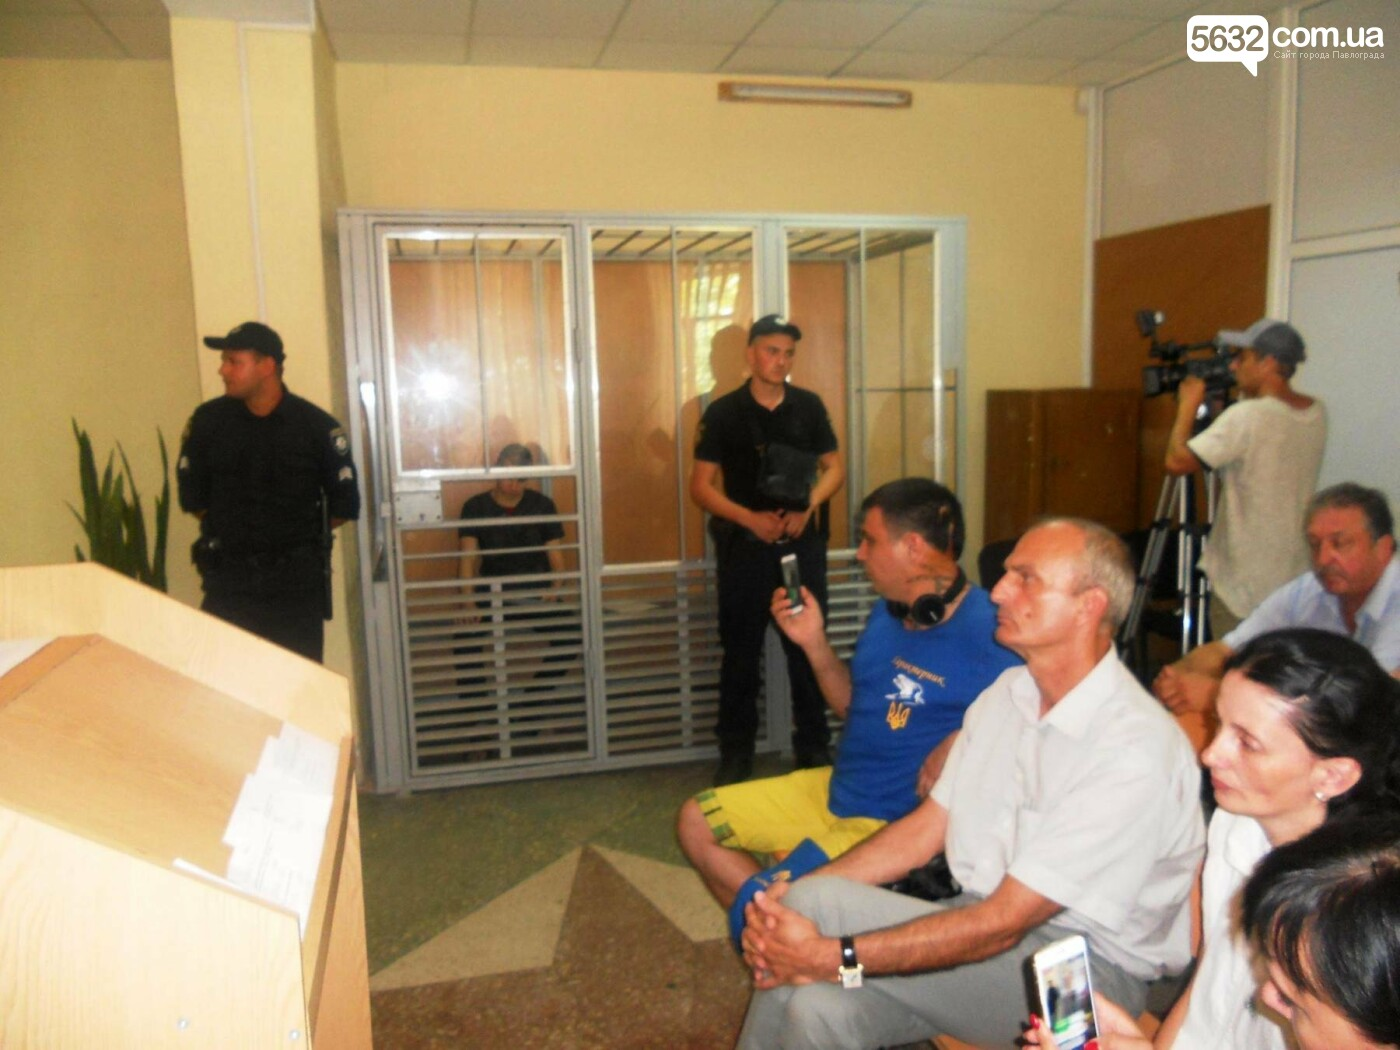 Павлоградка, в якої вбили сина та чоловіка, вимагає 2 млн грн моральної шкоди , фото-1